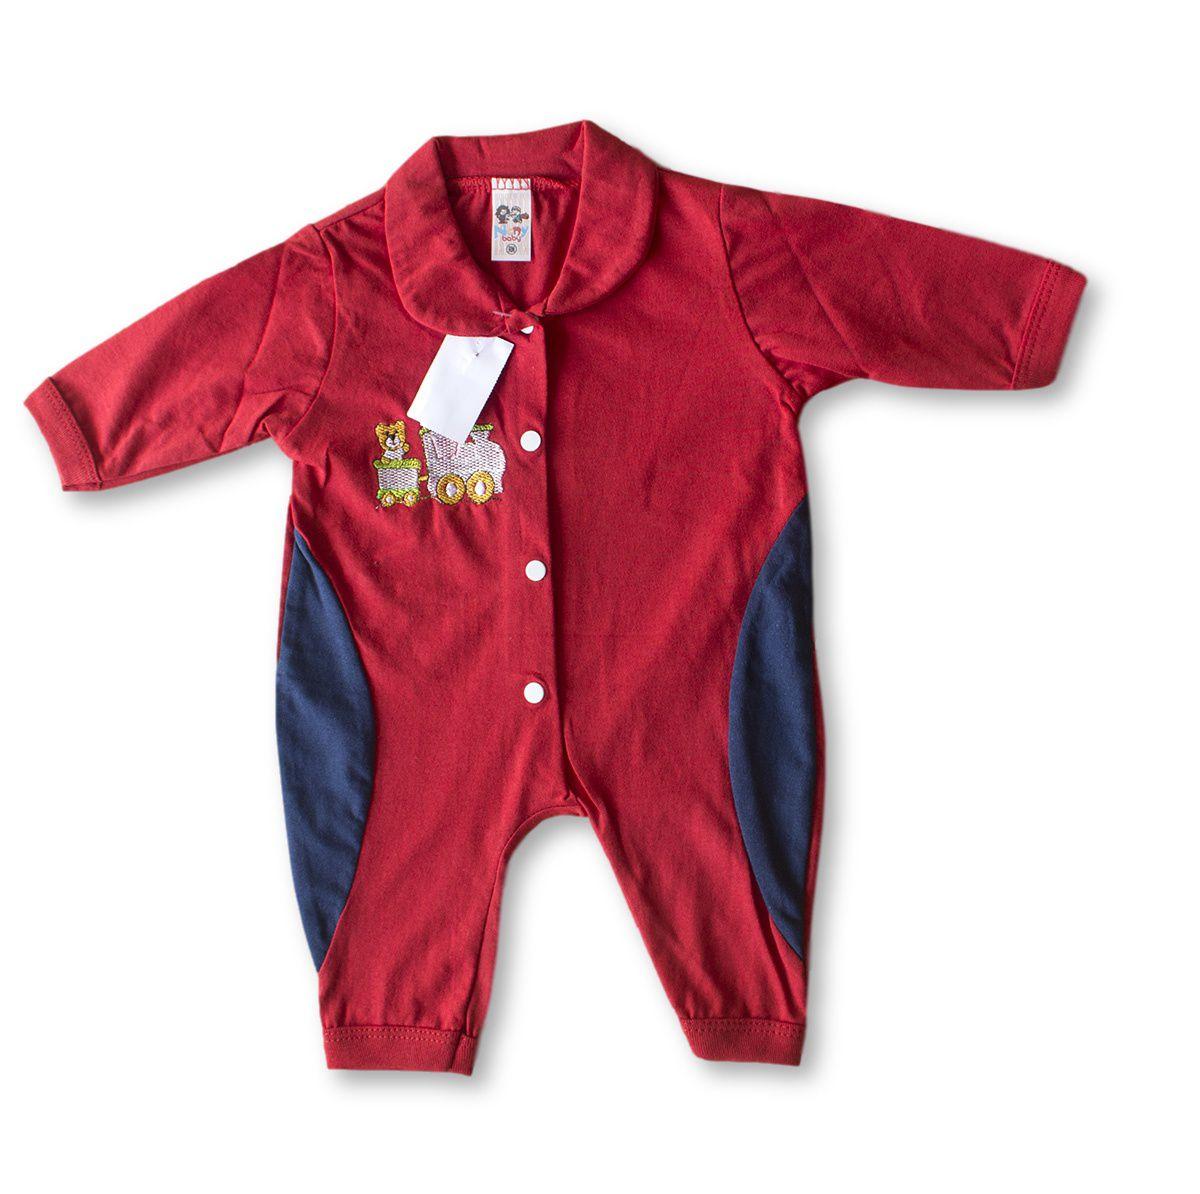 Macacão Bebe Recém Nascido Masculino Bordado Cod 9121